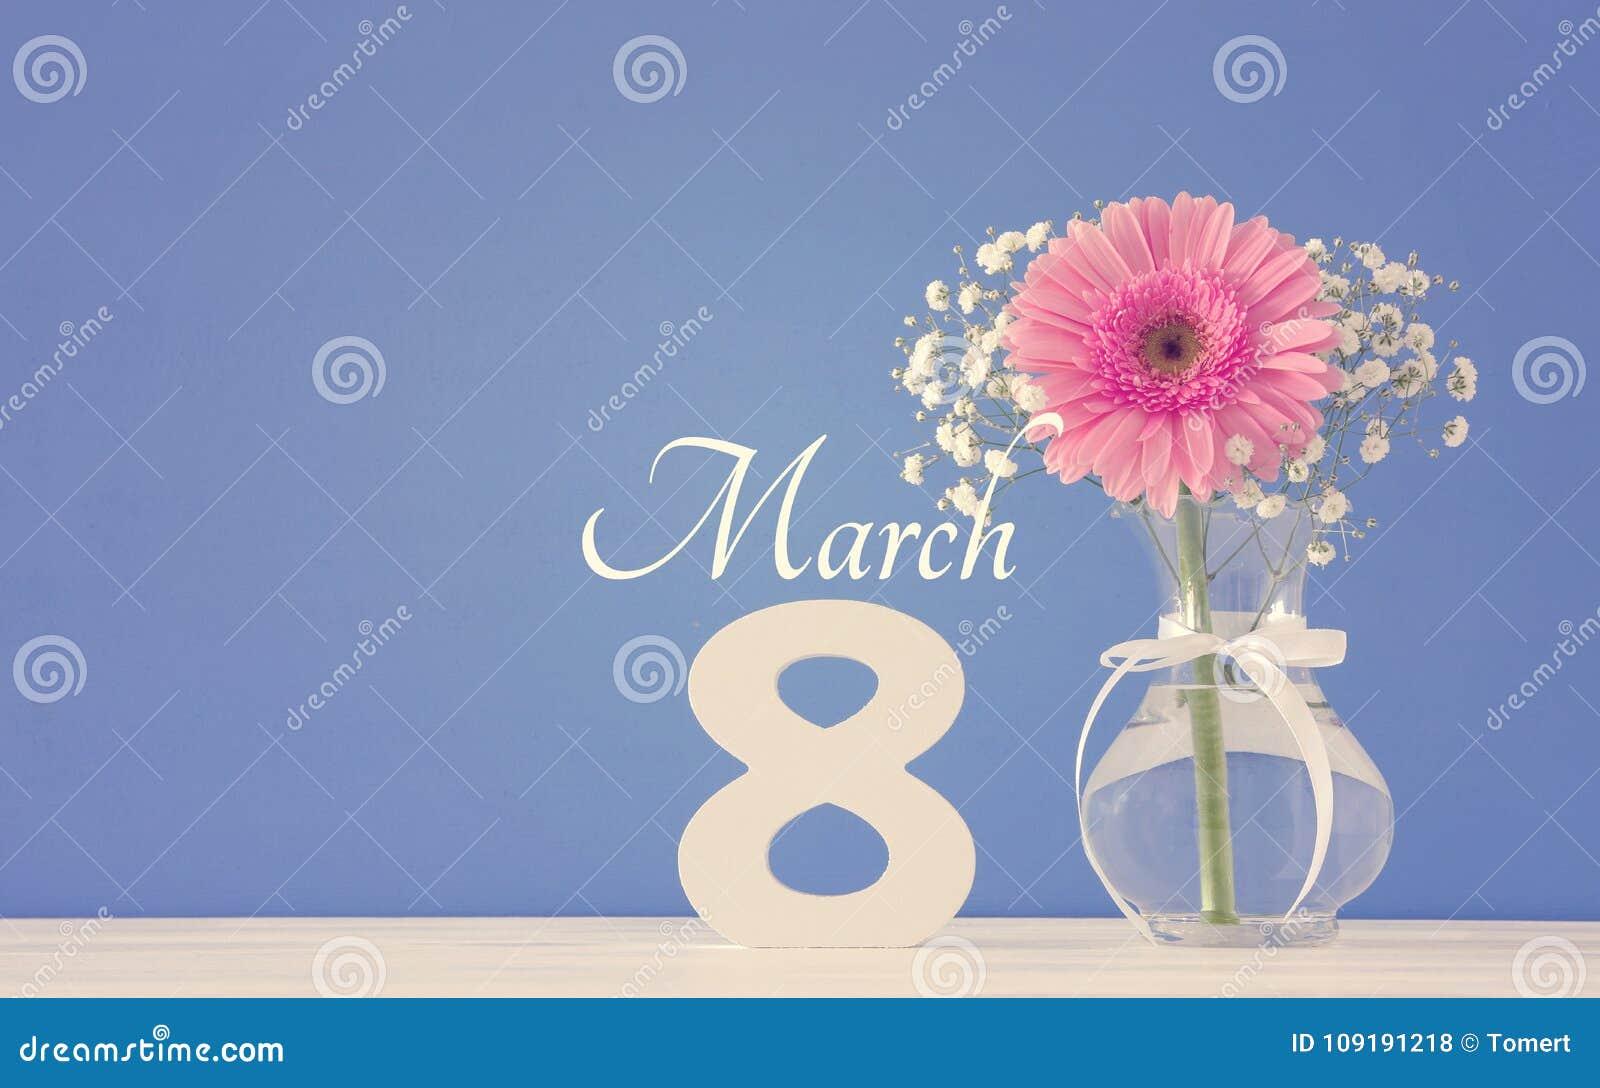 Imagem do conceito internacional do dia das mulheres com a flor bonita no vaso na tabela de madeira